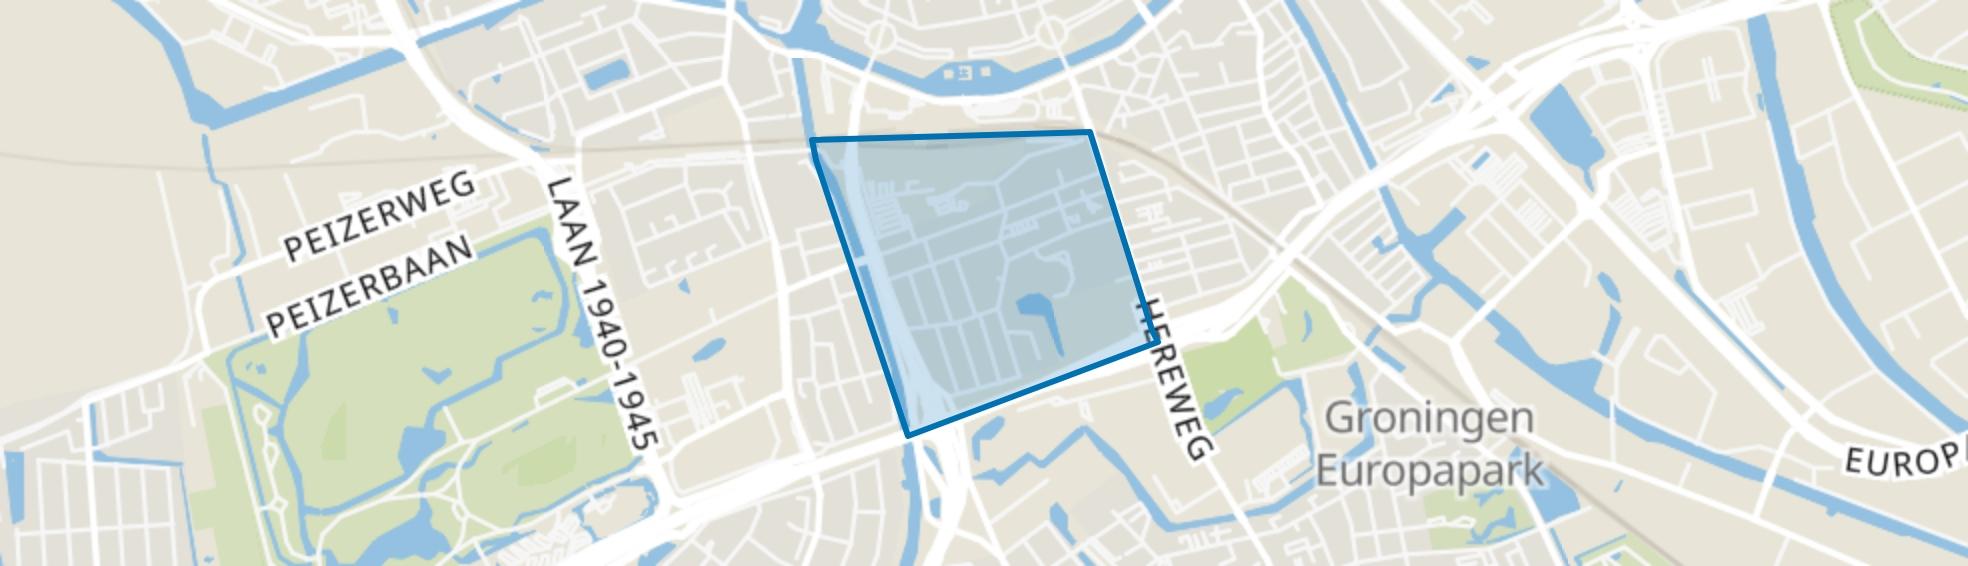 Rivierenbuurt, Groningen map